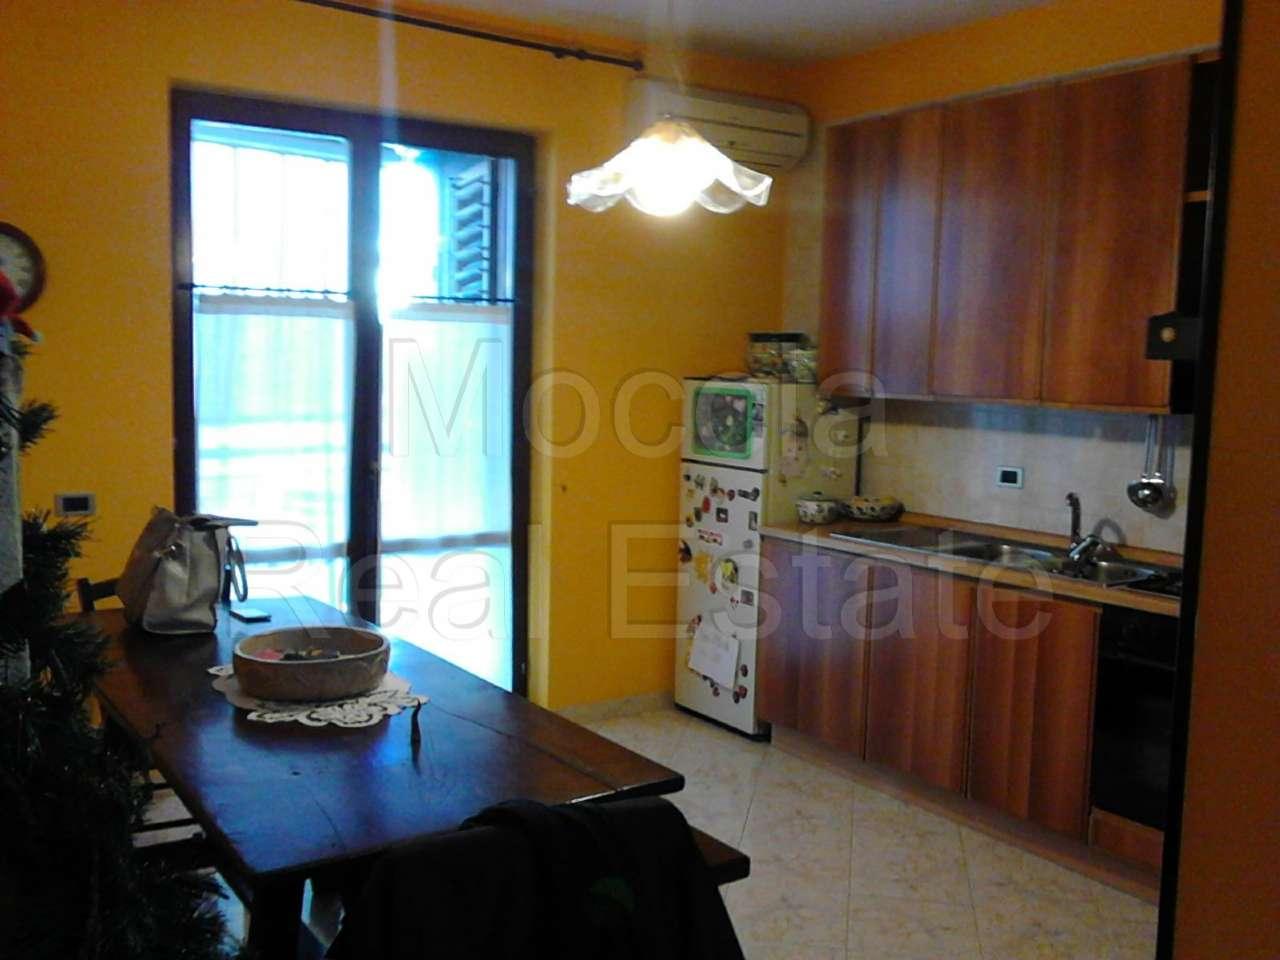 Appartamento trilocale in affitto a Caserta (CE)